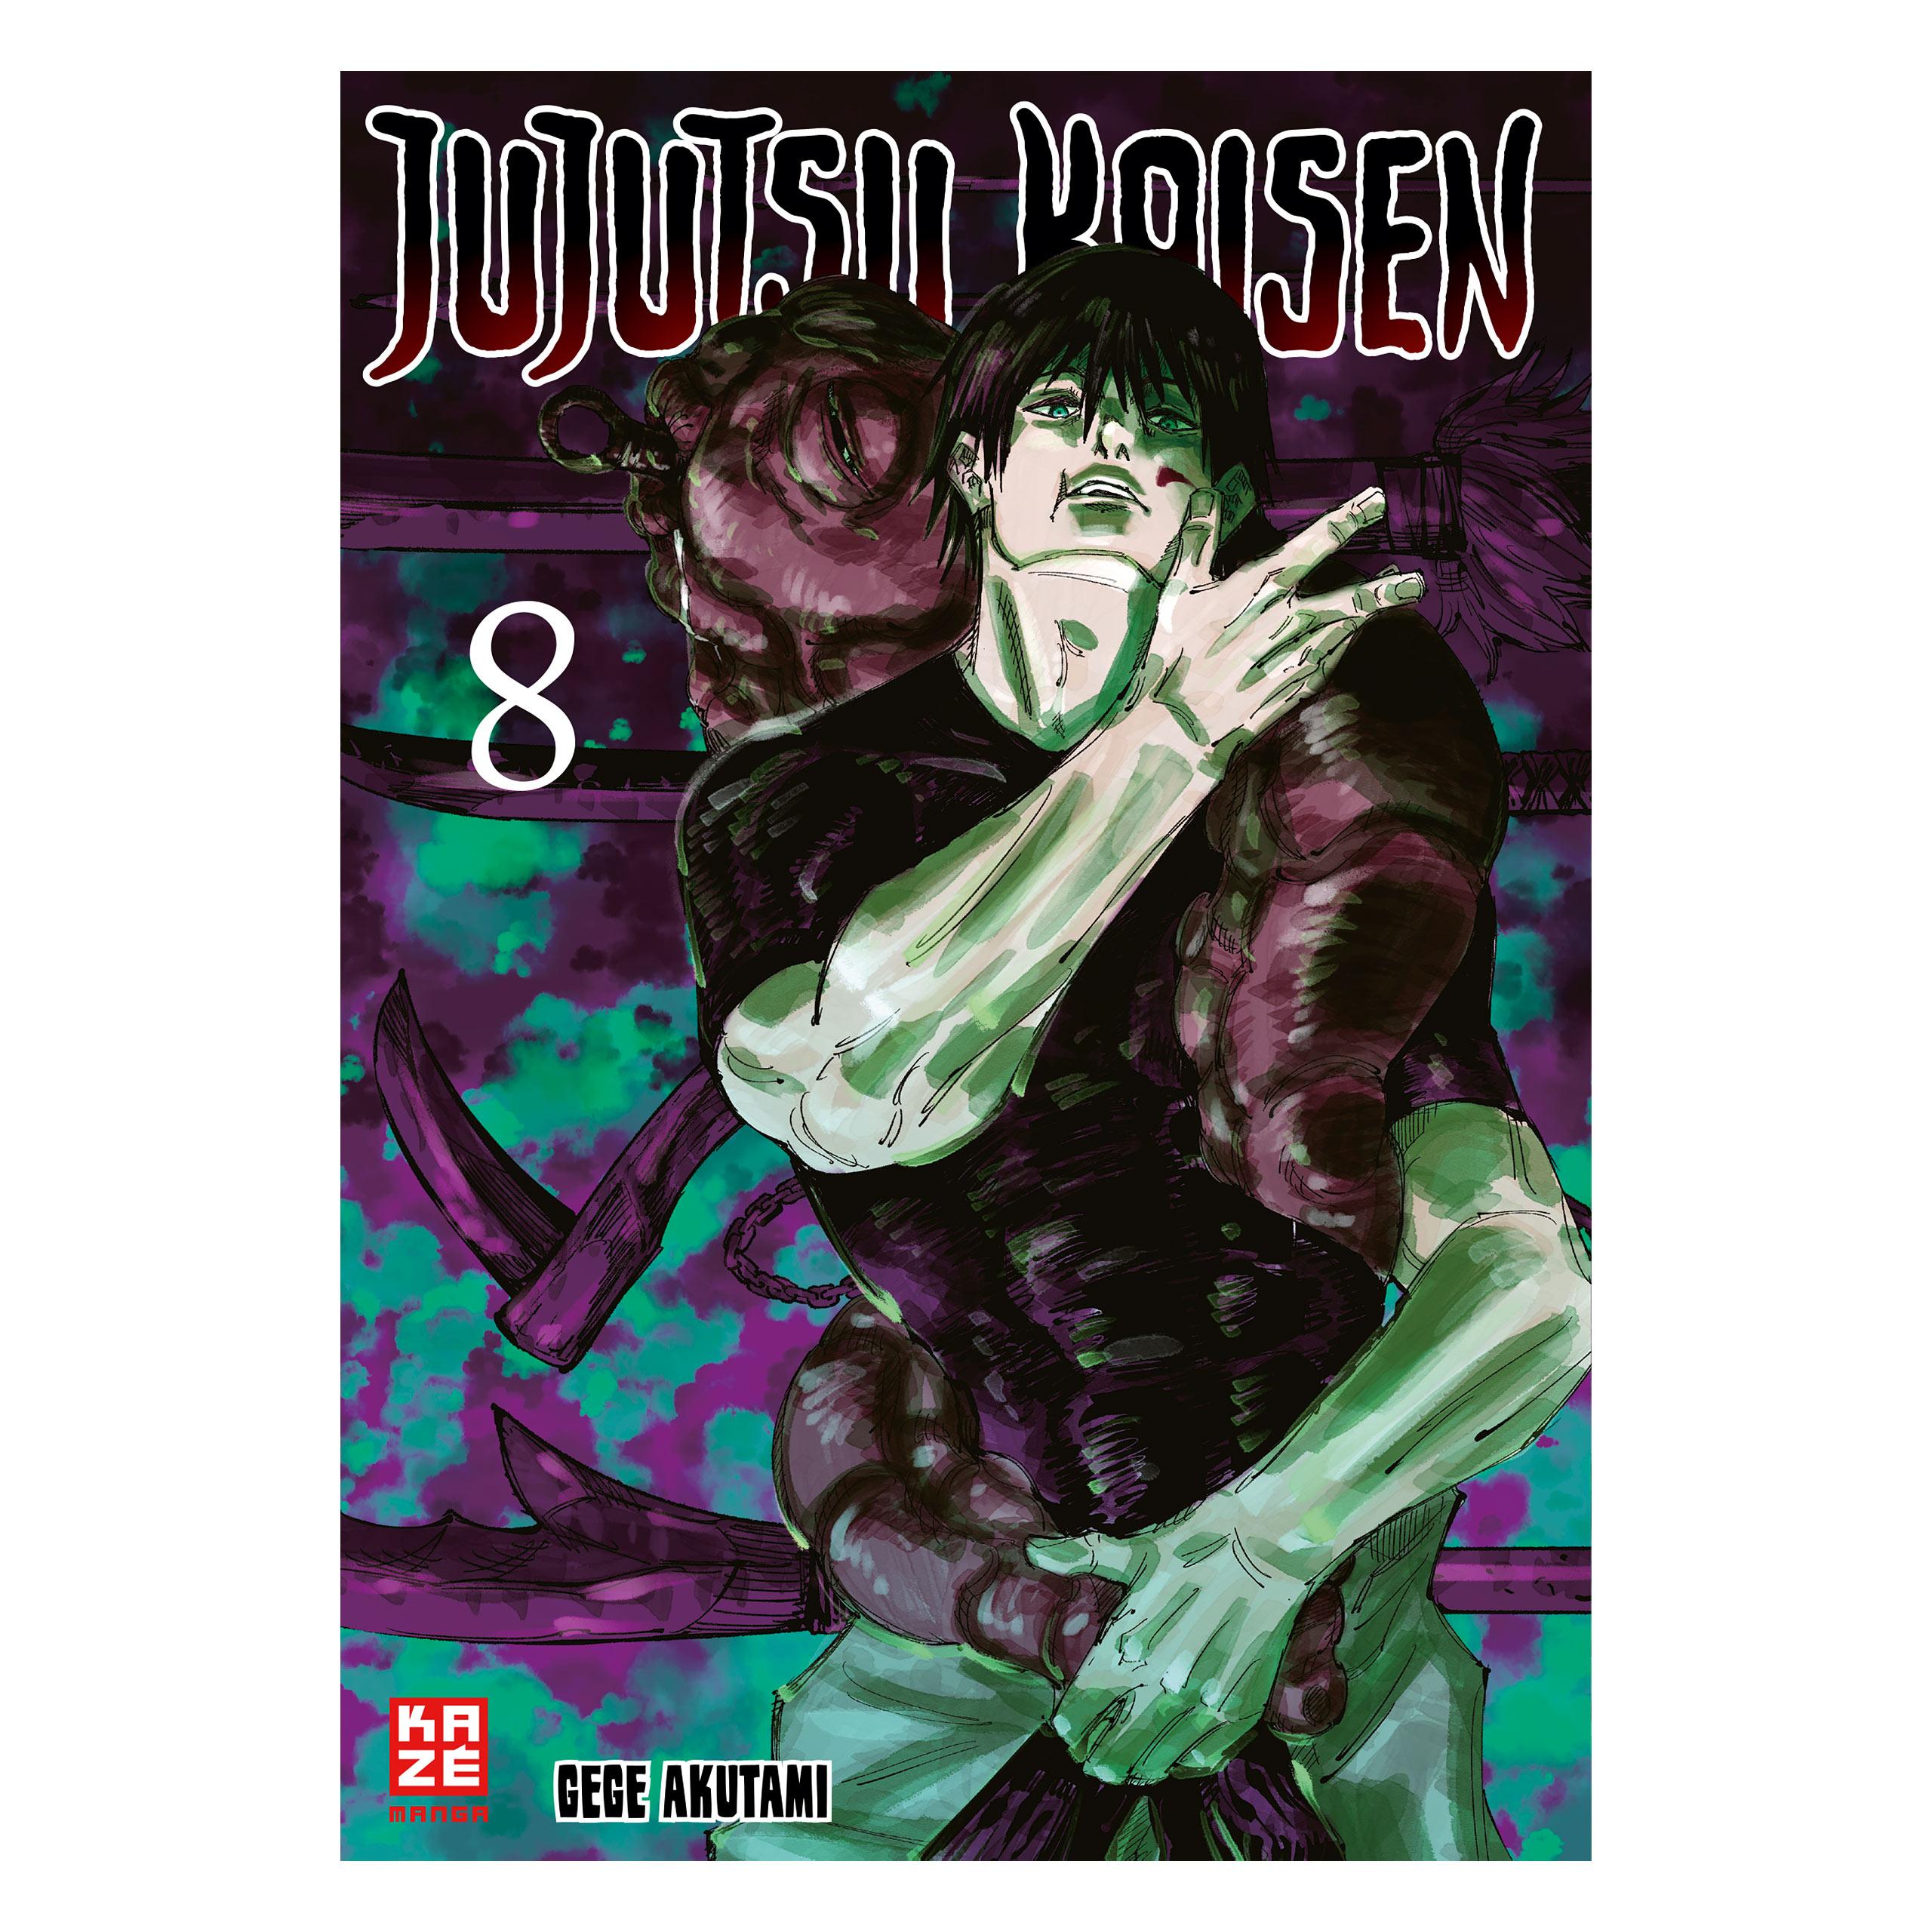 Jujutsu Kaisen - Band 8 Taschenbuch